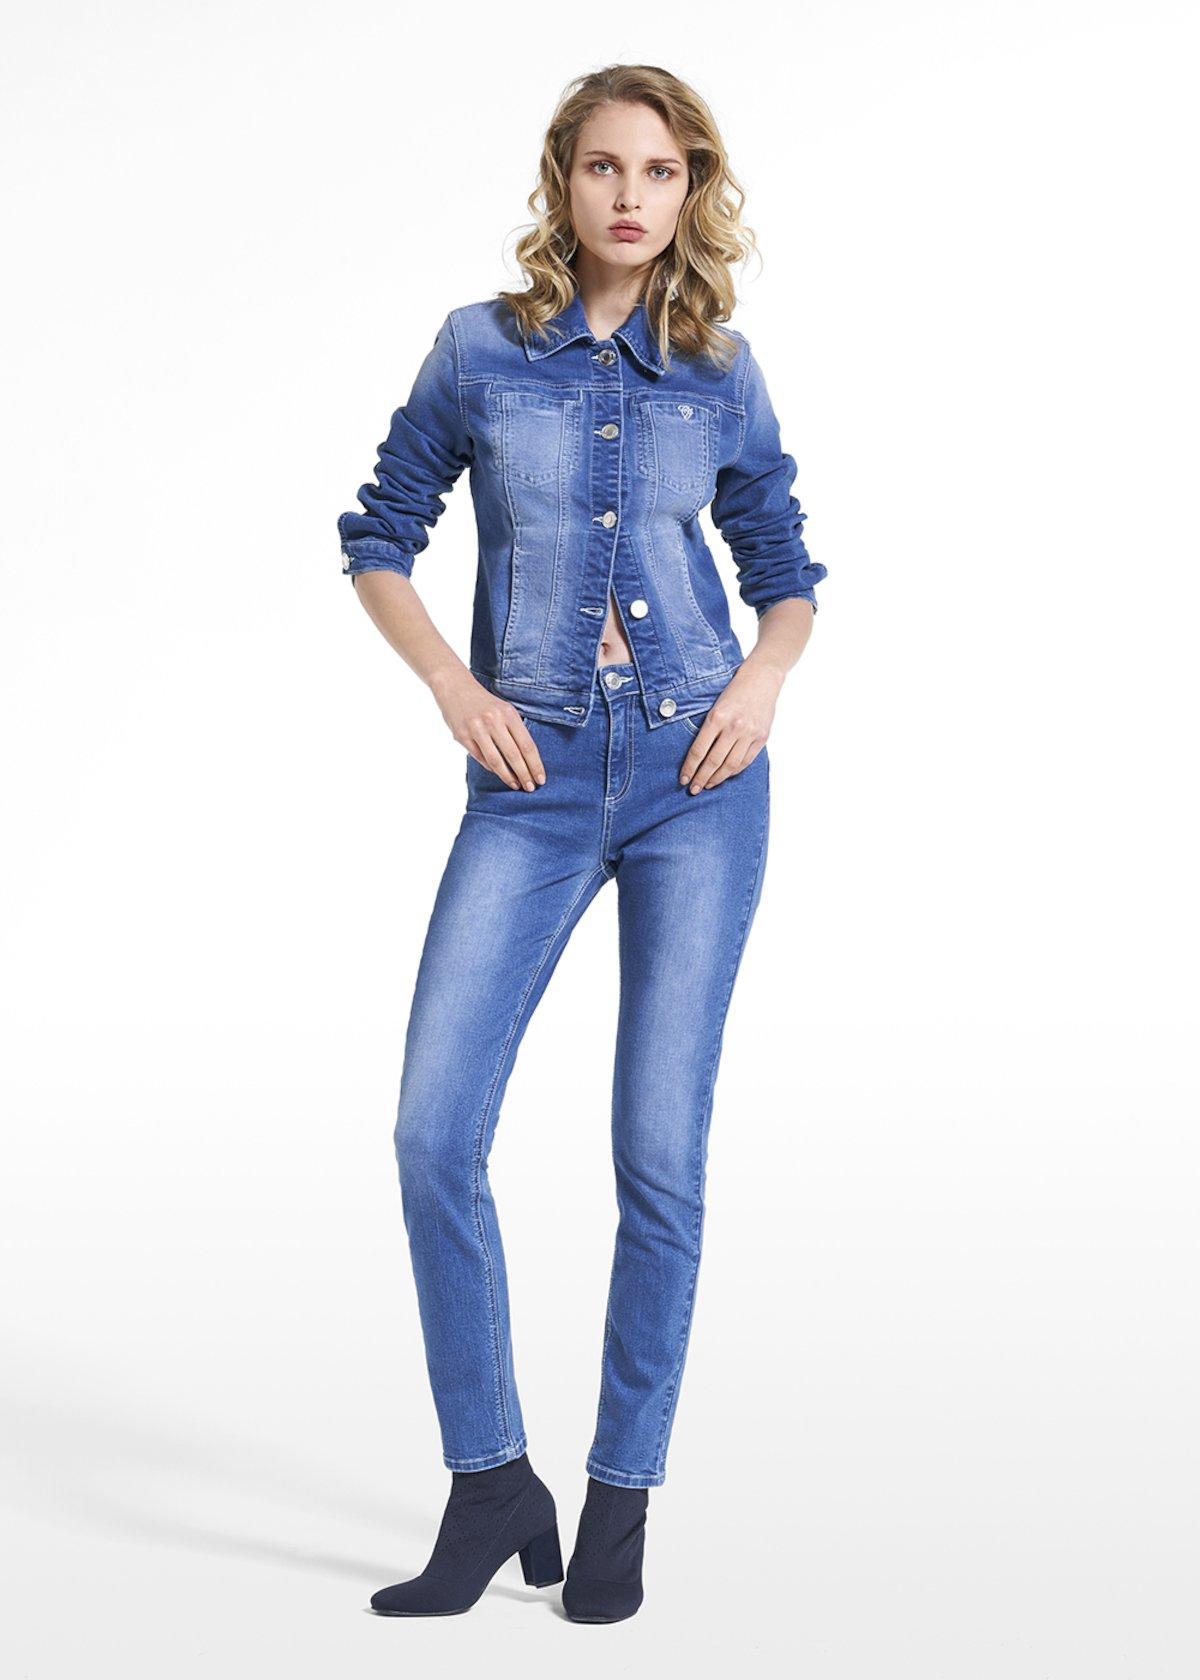 Jeans Dylan 5 tasche dal fit skinny - Denim - Donna